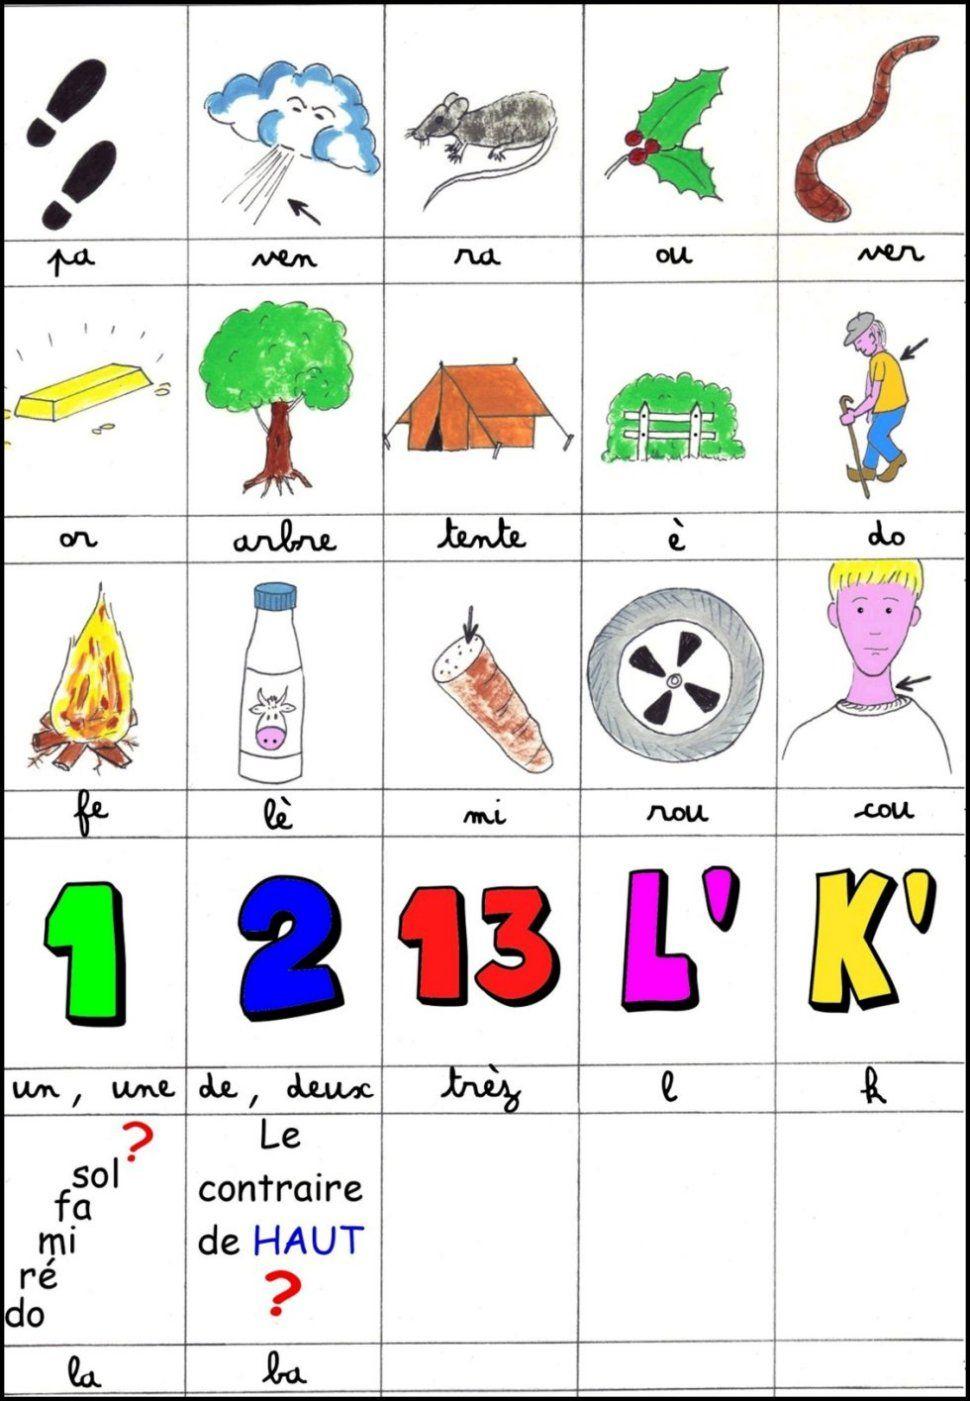 Des Idées D'énigmes Pour Les Enfants | Idées De Fête Pour tout Rébus Facile Avec Réponse